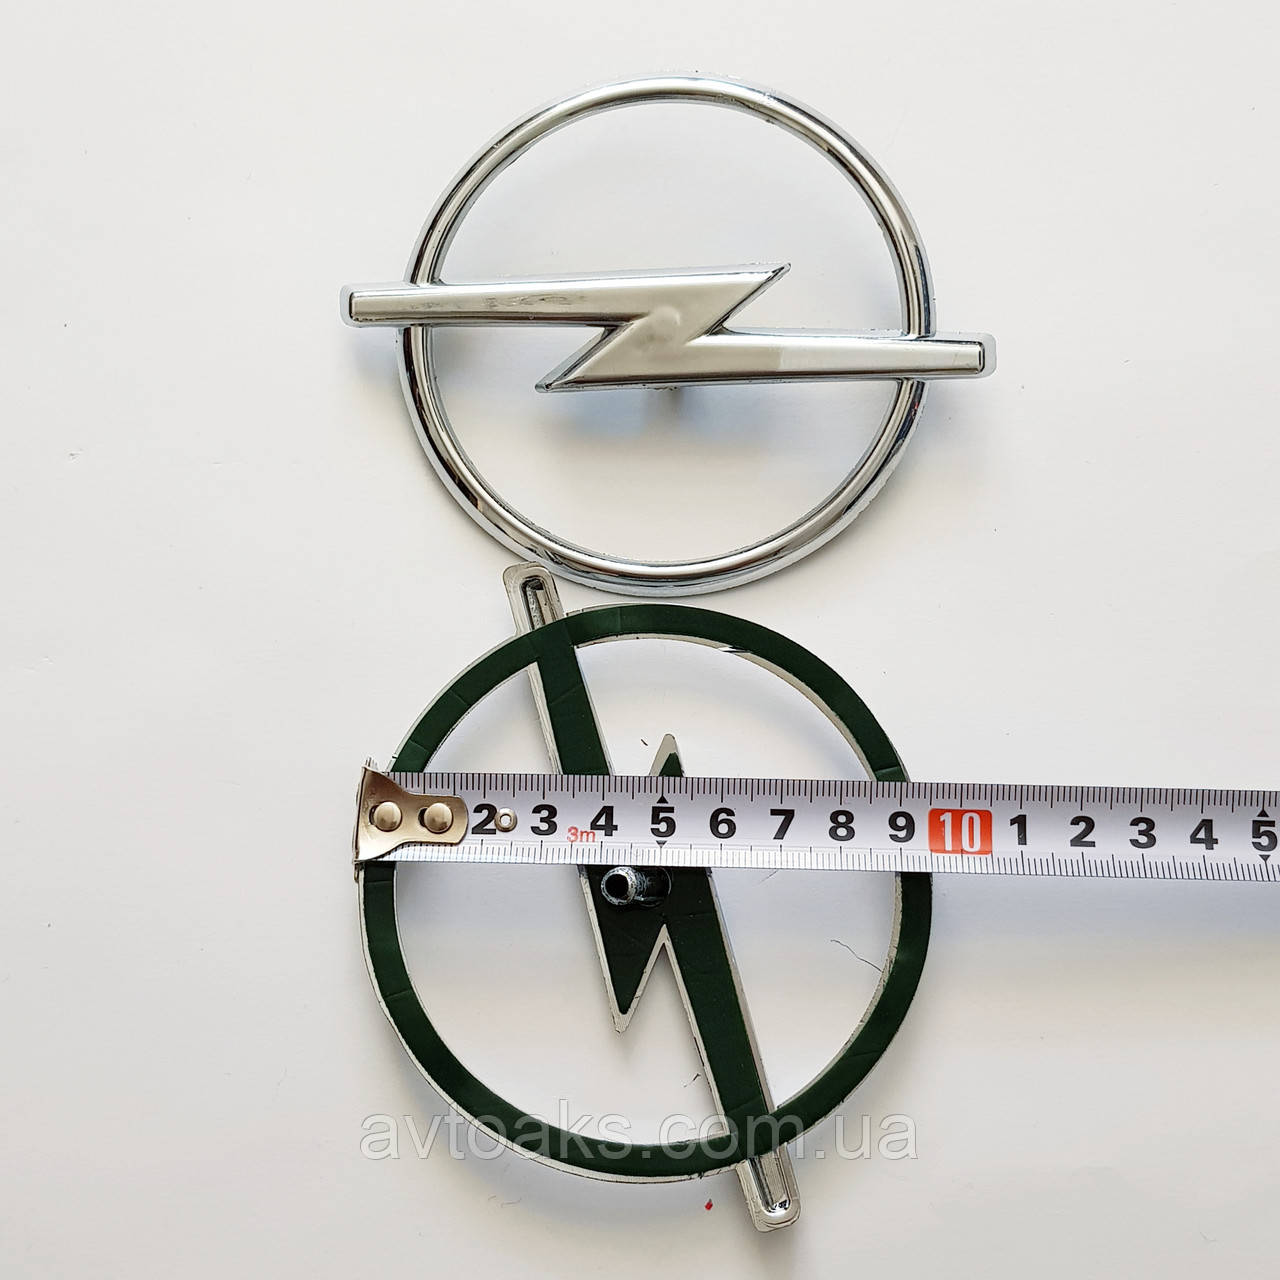 Эмблема Opel Astra G, в решотку, диам. 96 мм.